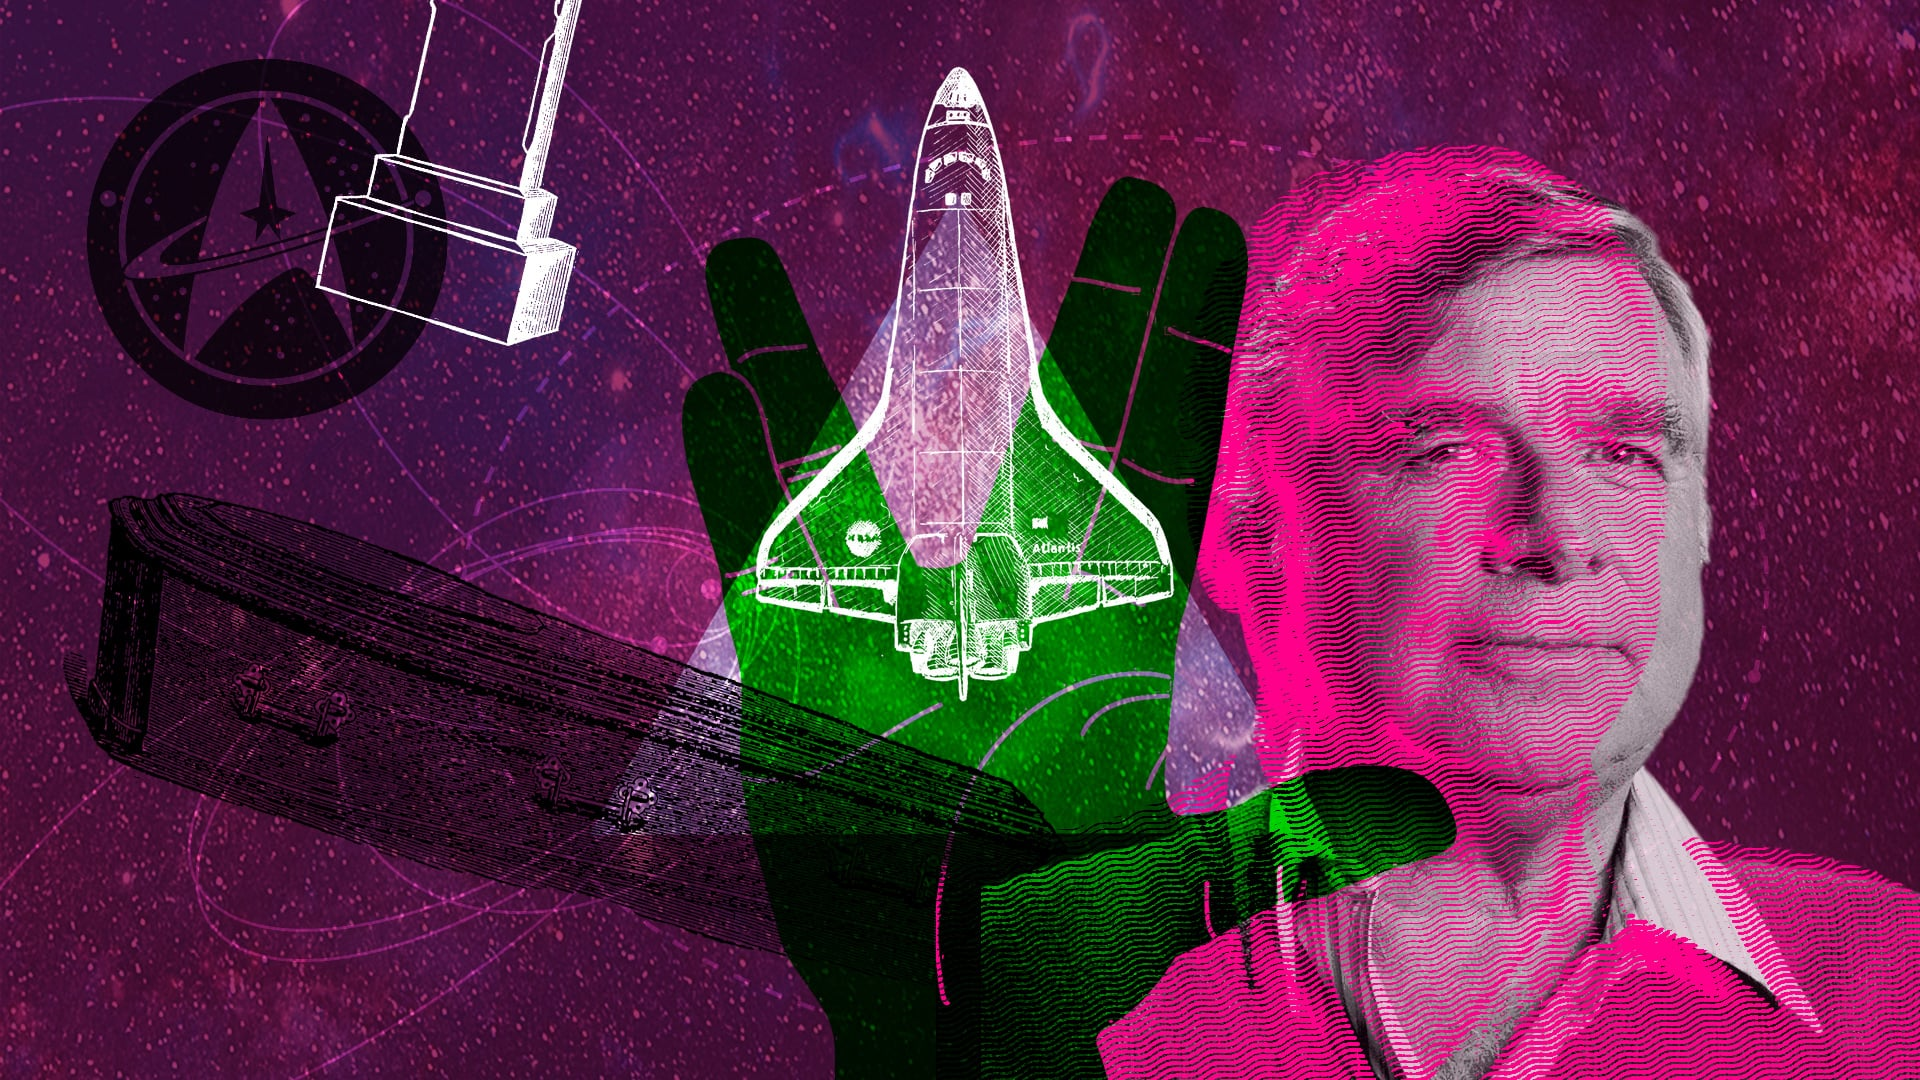 Ein Teil der Asche von Gene Roddenberry reiste an Bord der Columbia um die Erde und kehrte dann wieder zurück.